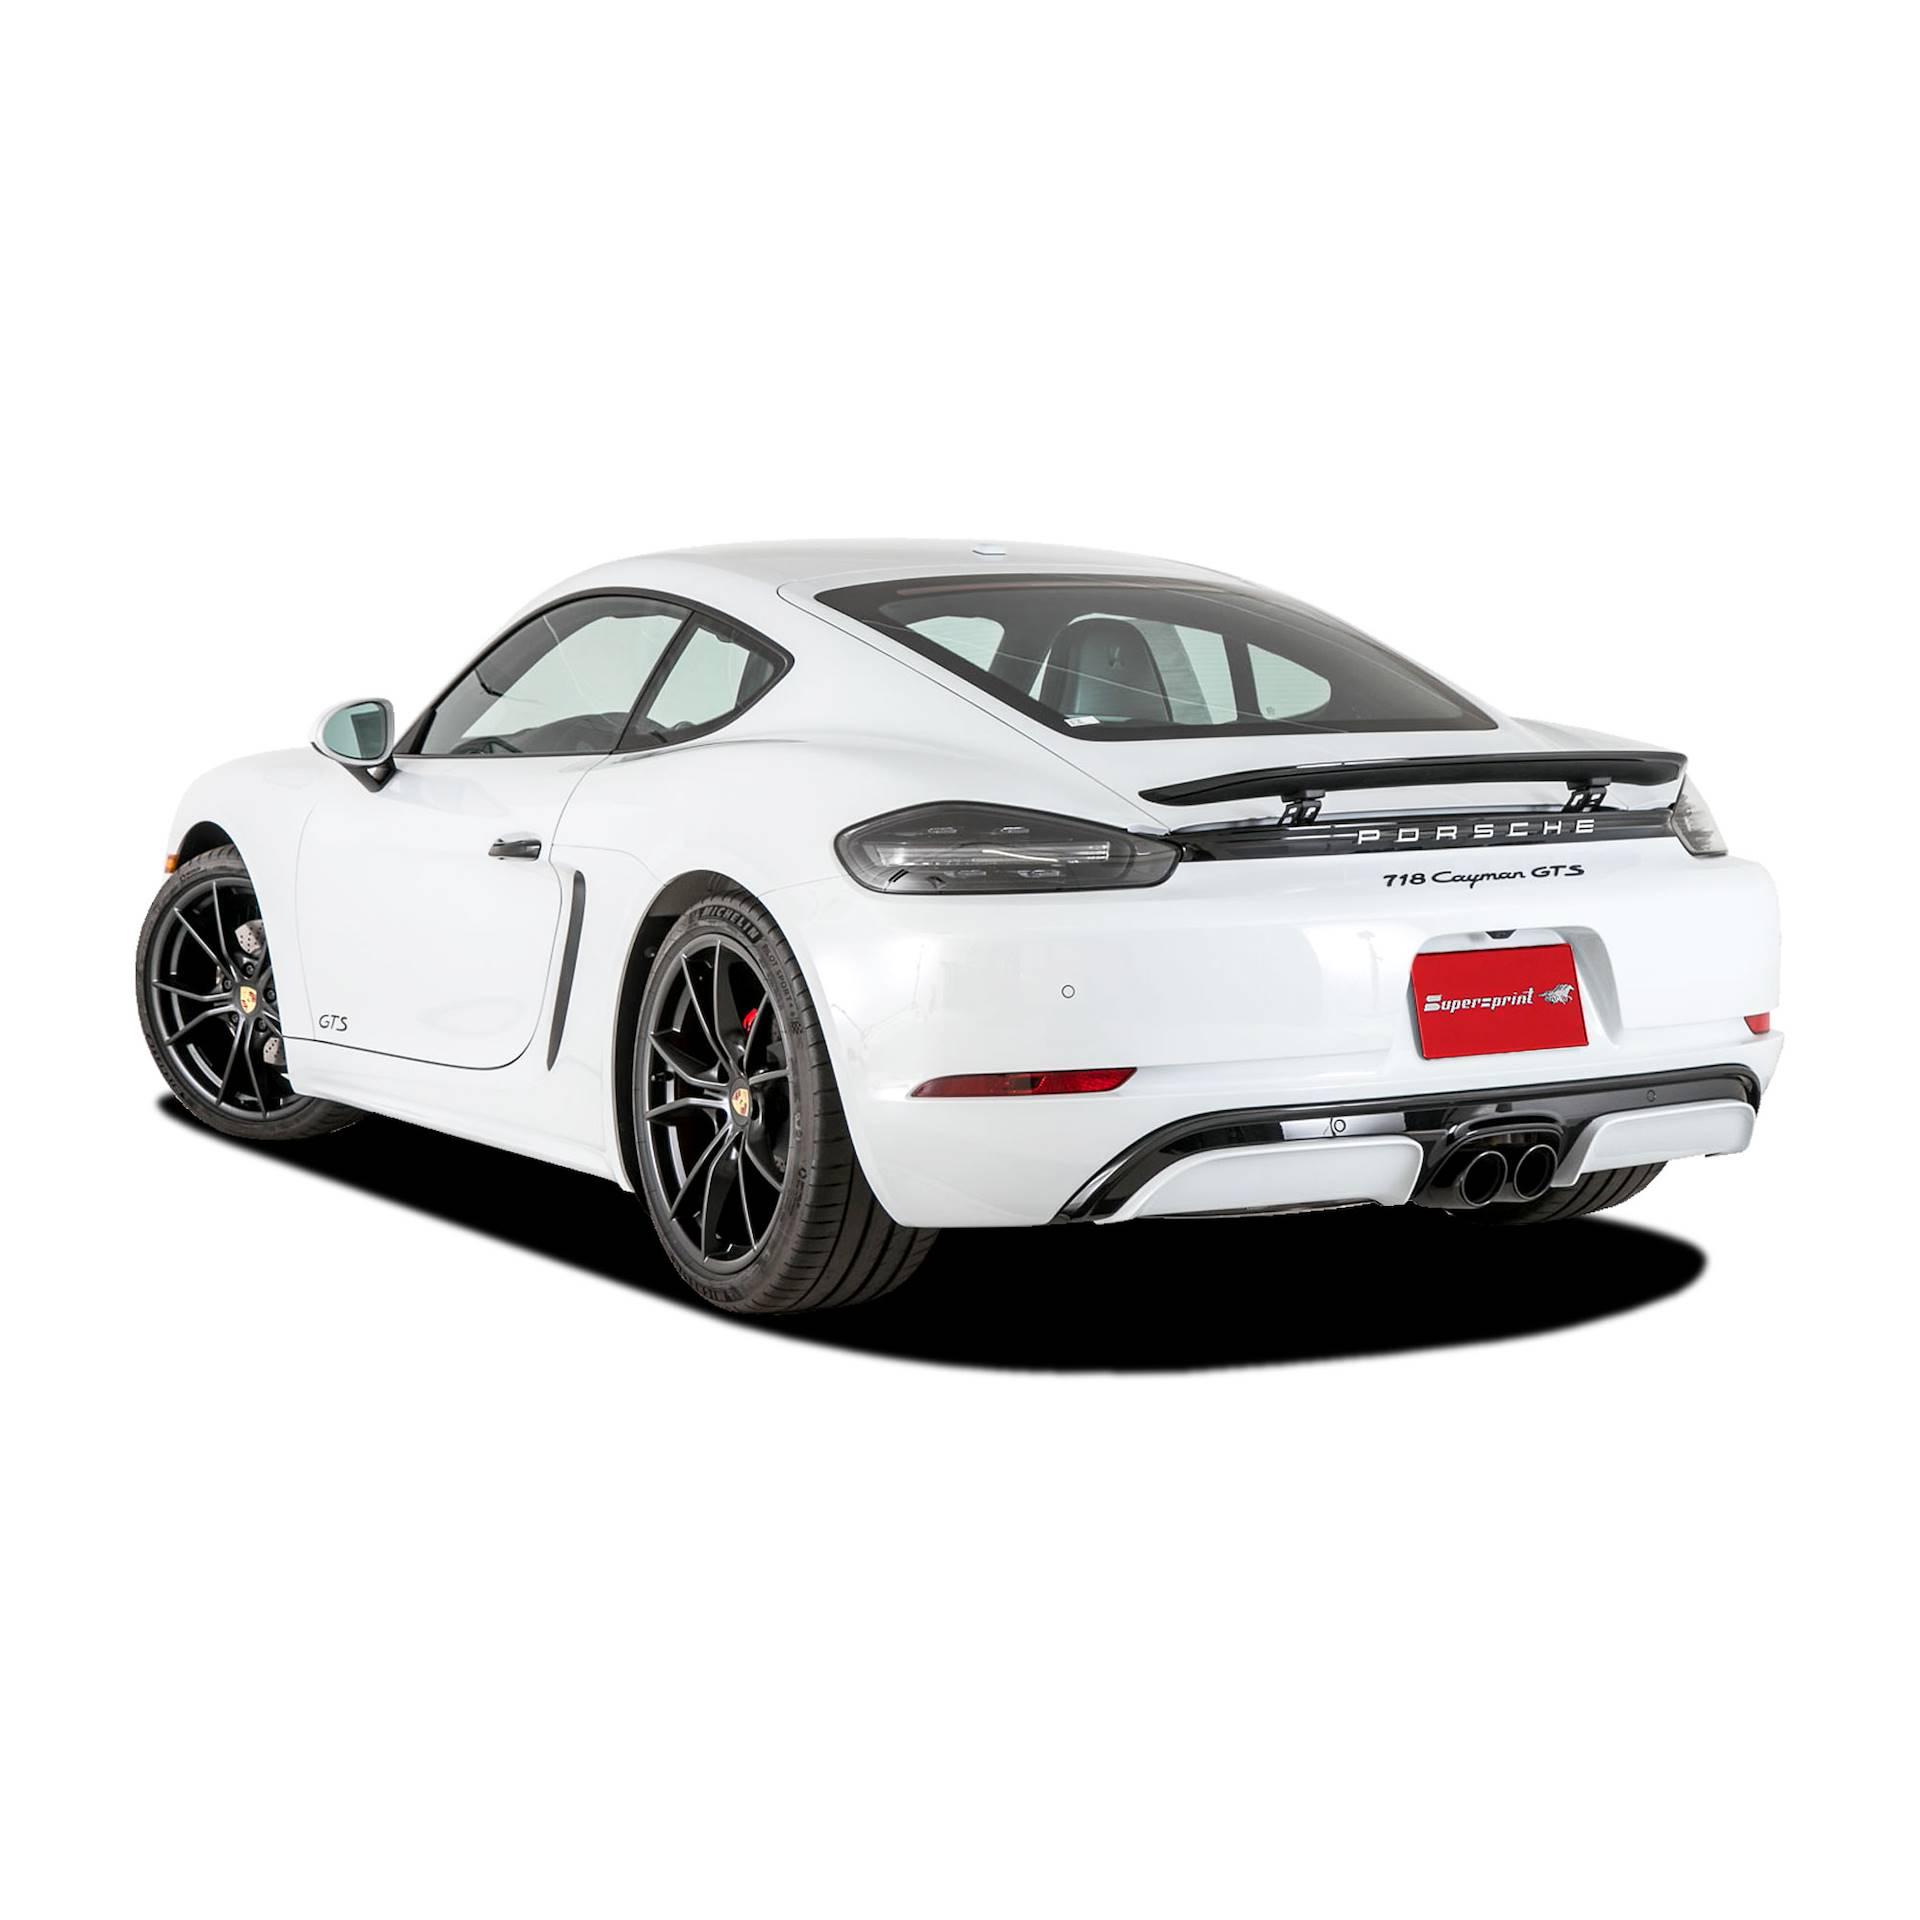 2018 Porsche 718 Cayman Camshaft: Performance Sport Exhaust For PORSCHE 718 CAYMAN GTS